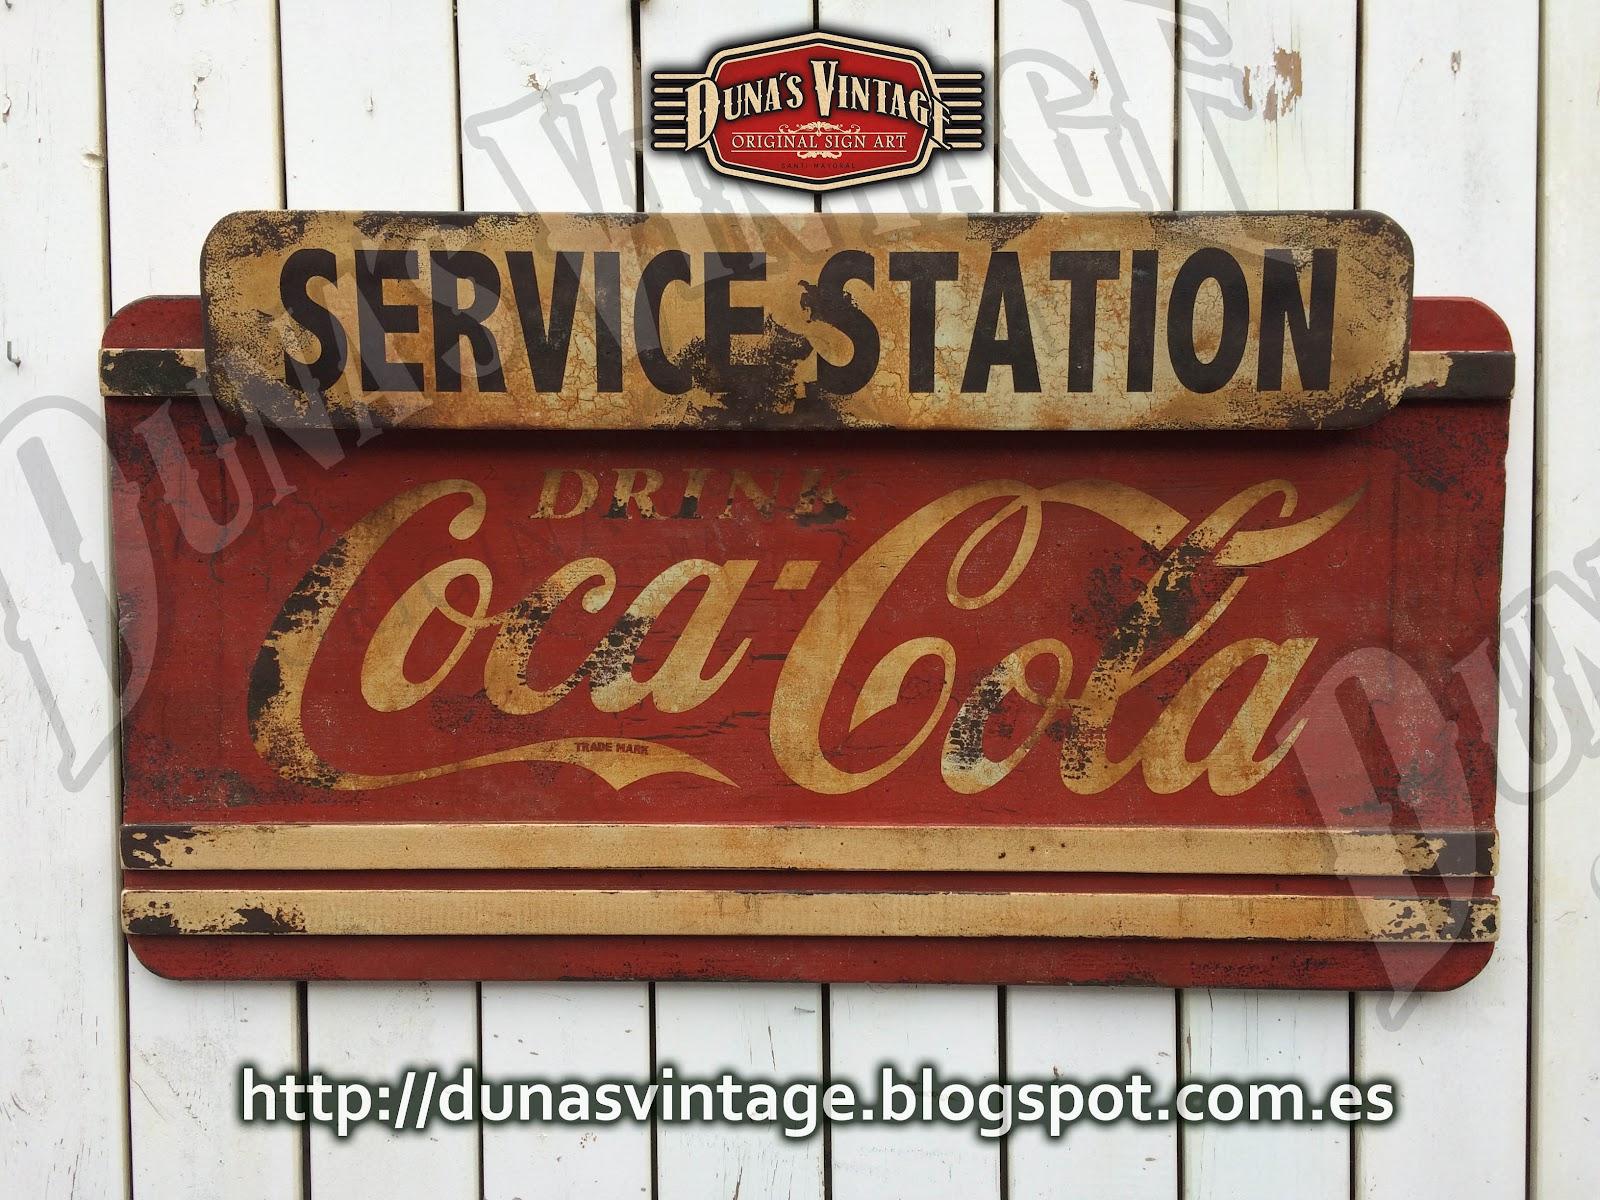 duna s vintage coca cola service station duna s vintage. Black Bedroom Furniture Sets. Home Design Ideas